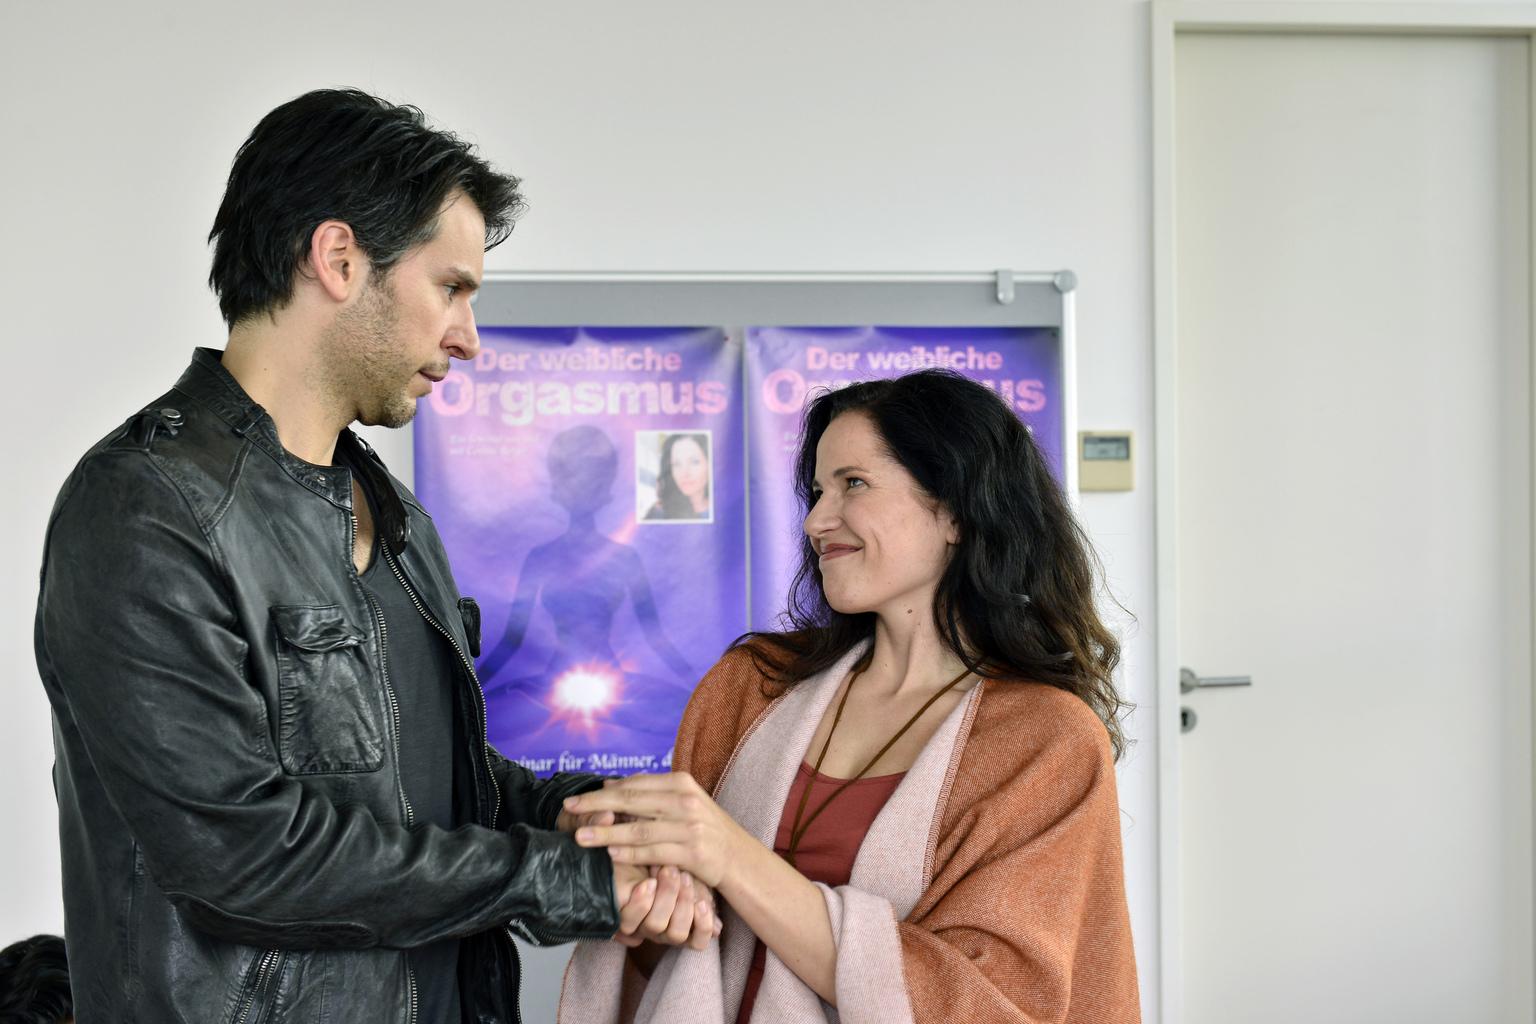 Mila besucht zusammen mit Nick (Florian Odendahl, l.) ein Erotikseminar für Männer. Dort lernen sie Cosima Berger (Katja Frenzel, r.) kennen - eine ganz besondere Frau ... (Quelle: Sat1)